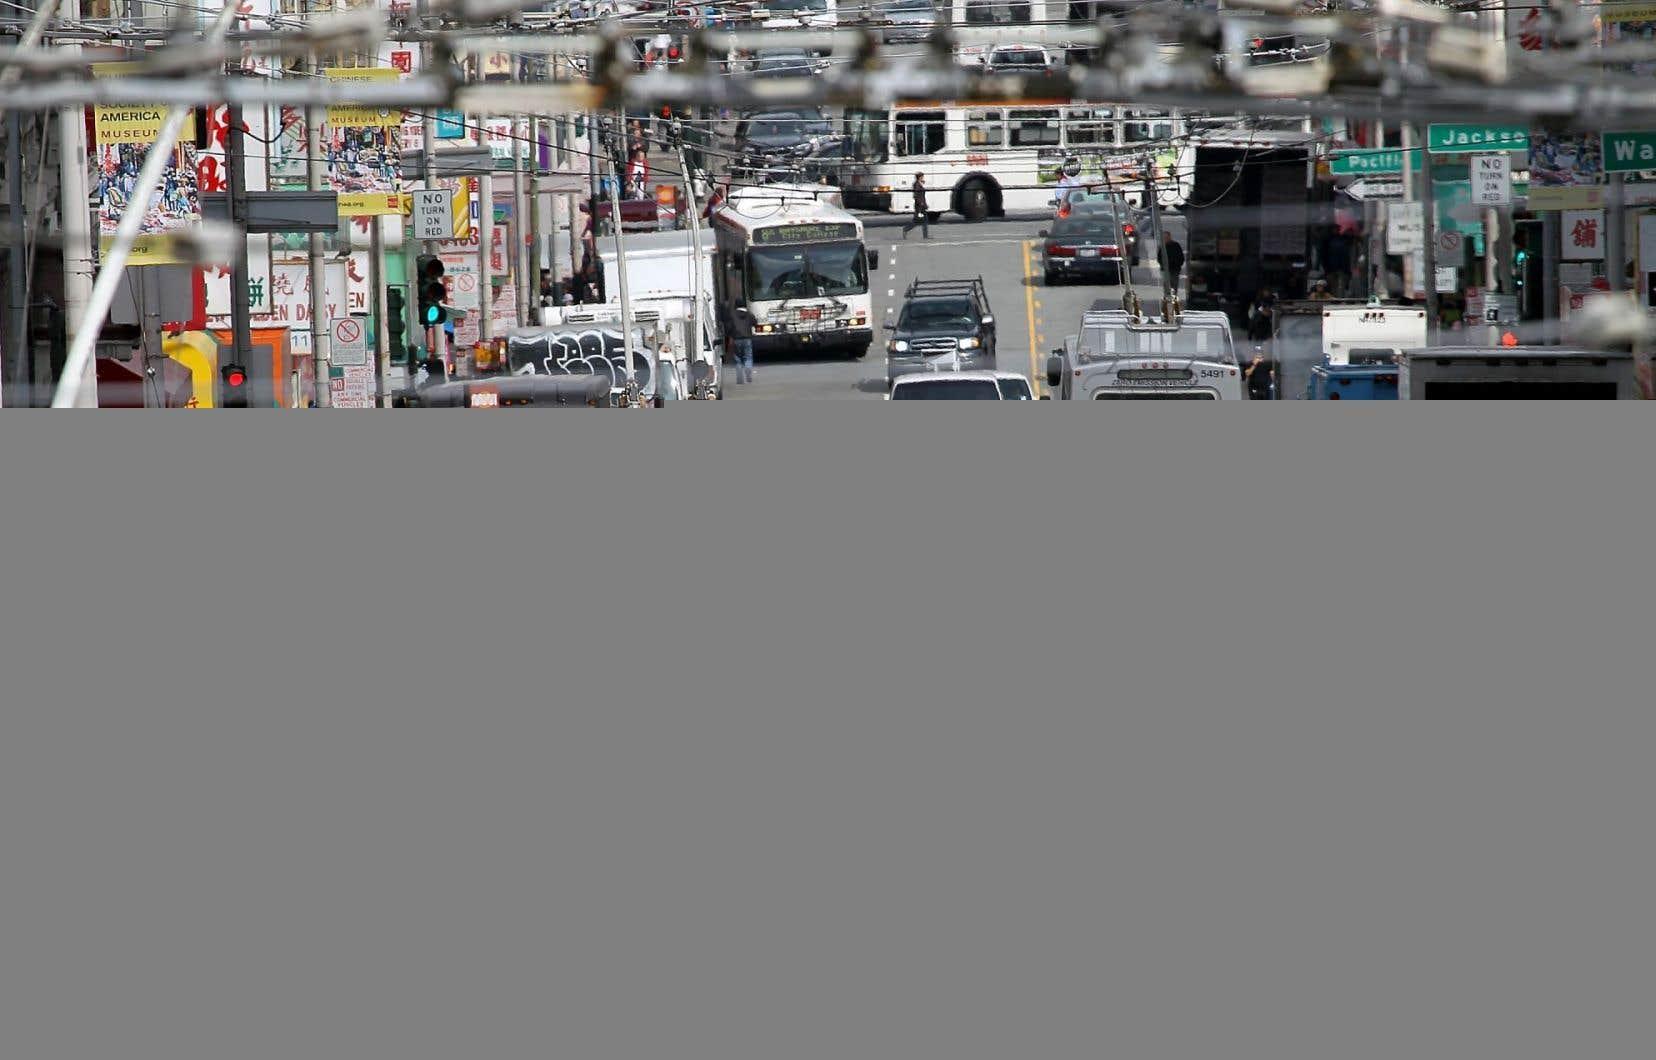 Le centre-ville de San Francisco et l'effervescence de la circulation